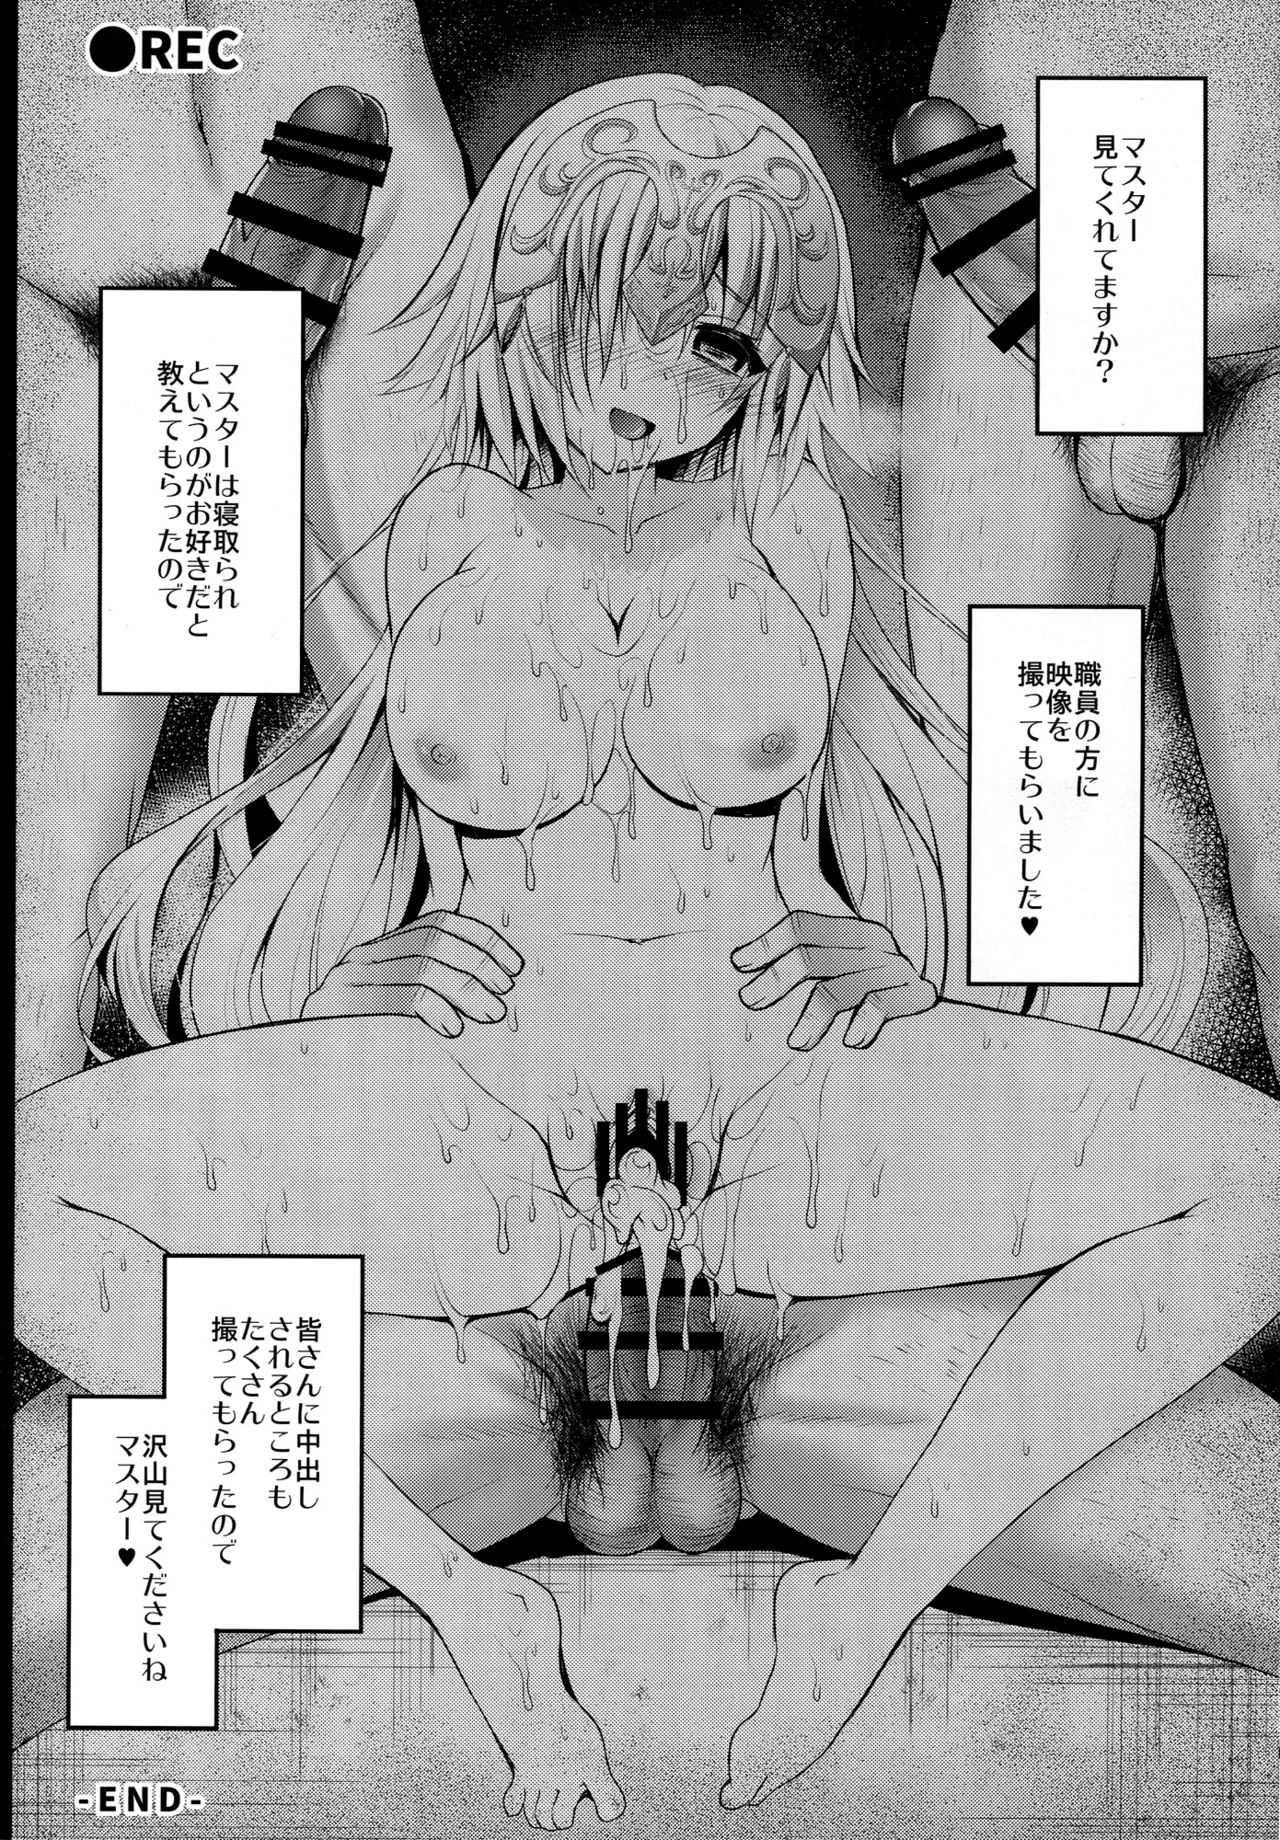 【エロ同人誌】モブおじさんに霊基保管室で監禁調教を受けるジャンヌちゃんwww【Fate/Grand Order/C93】